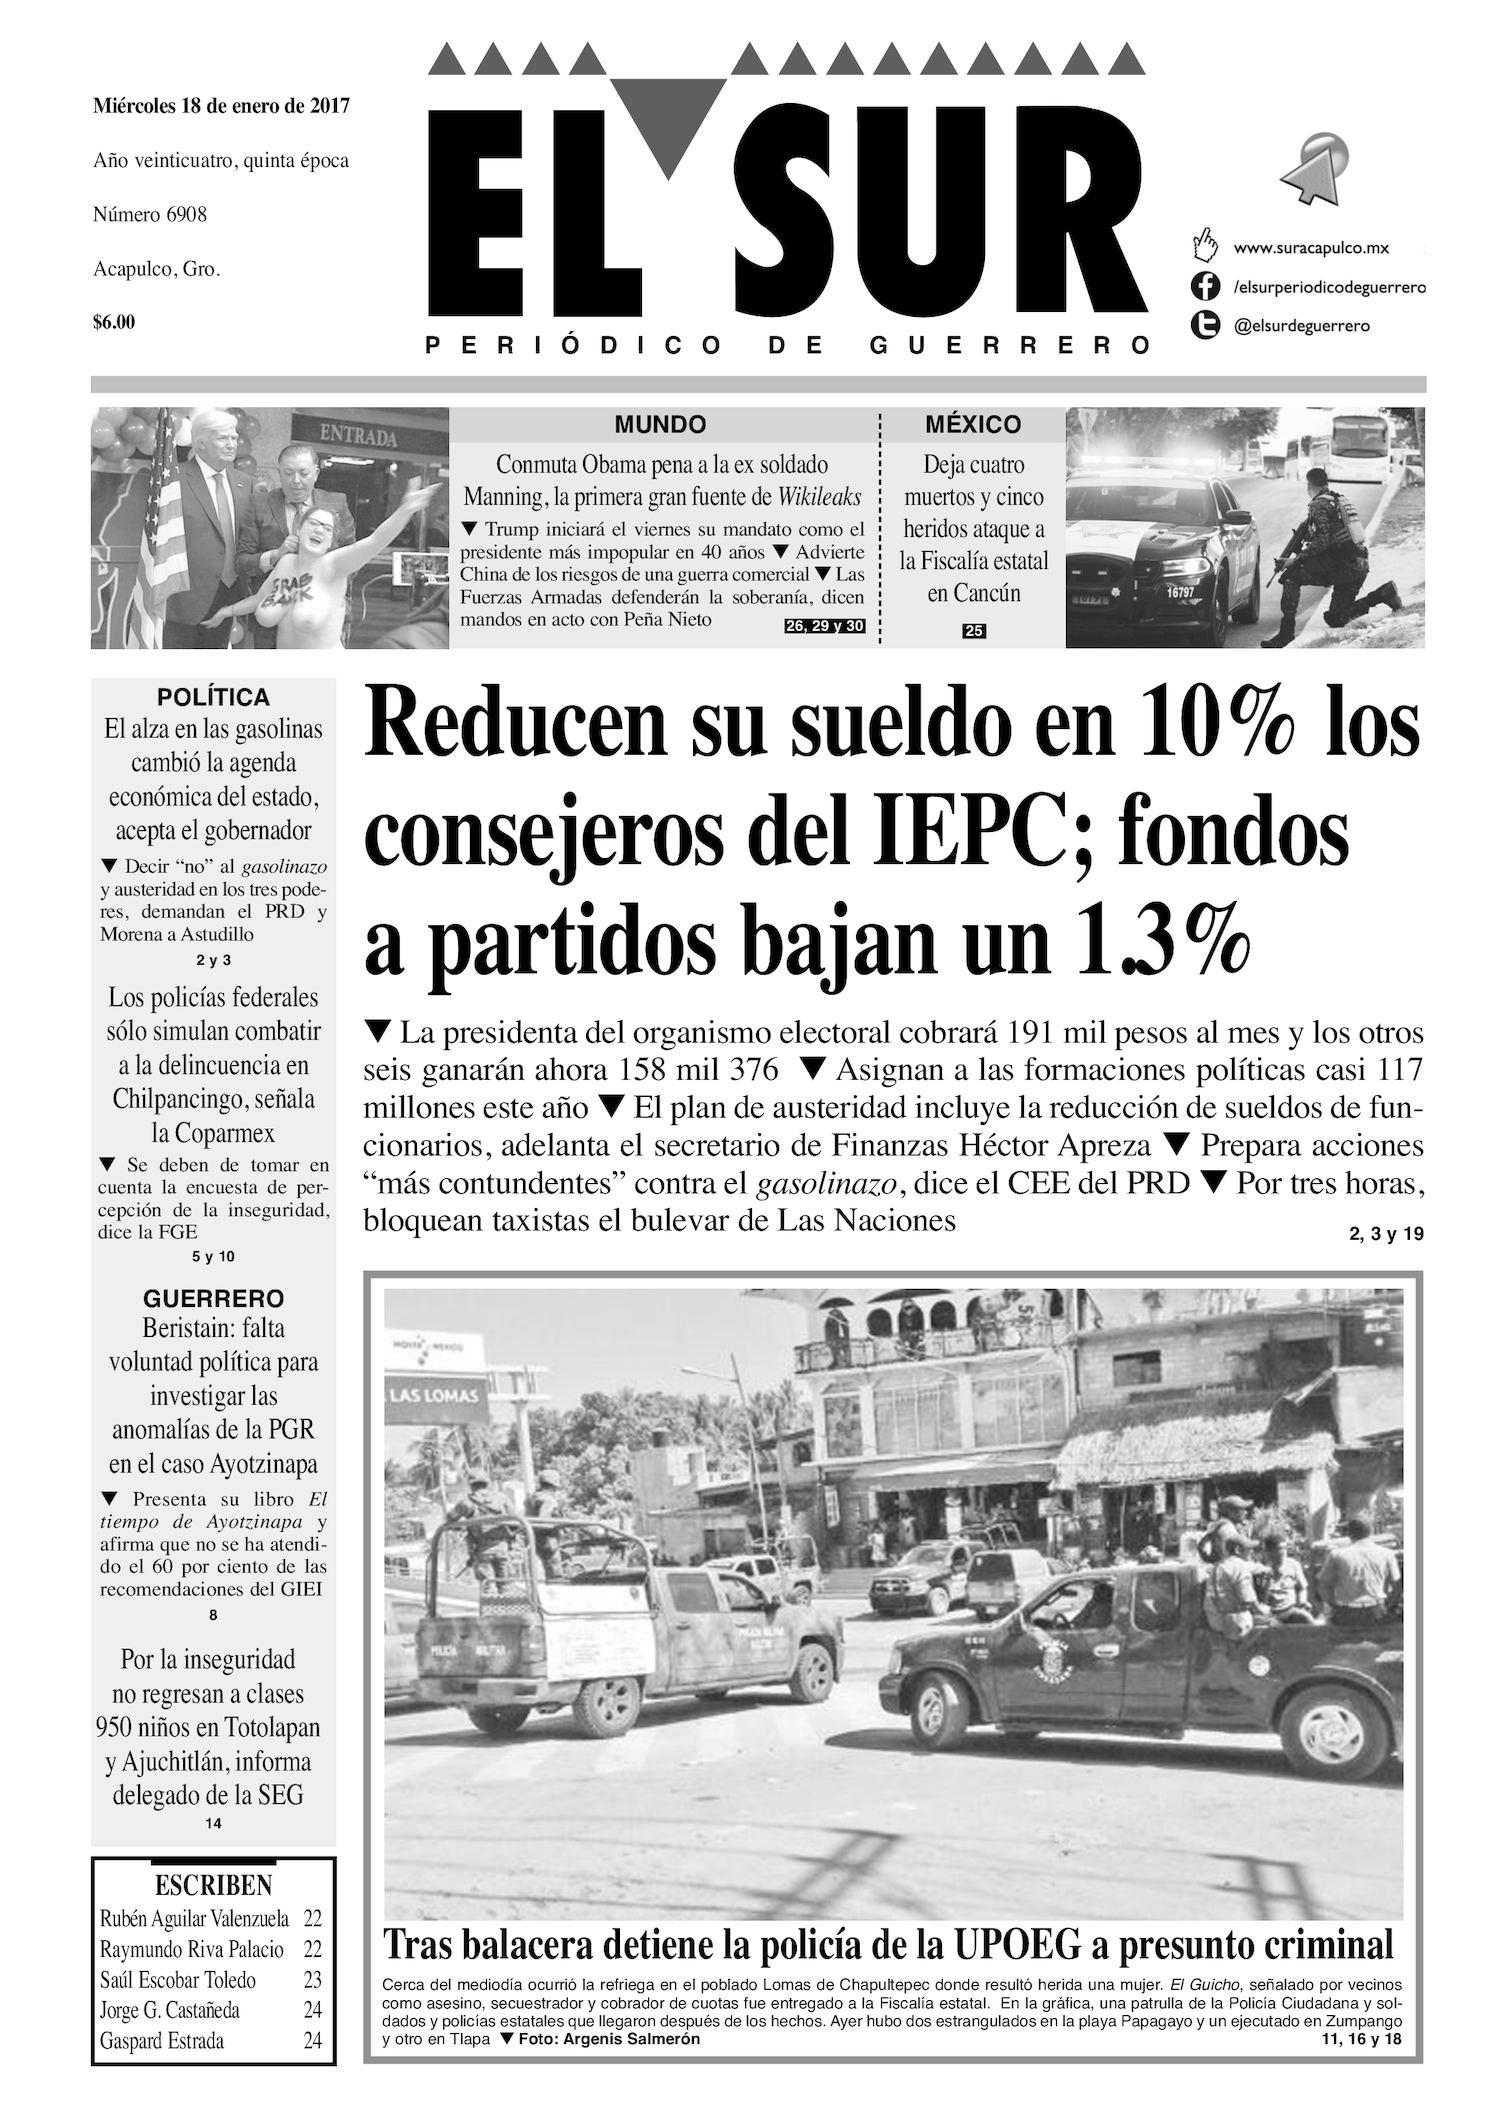 Calaméo - El Sur Miercoles 18012017